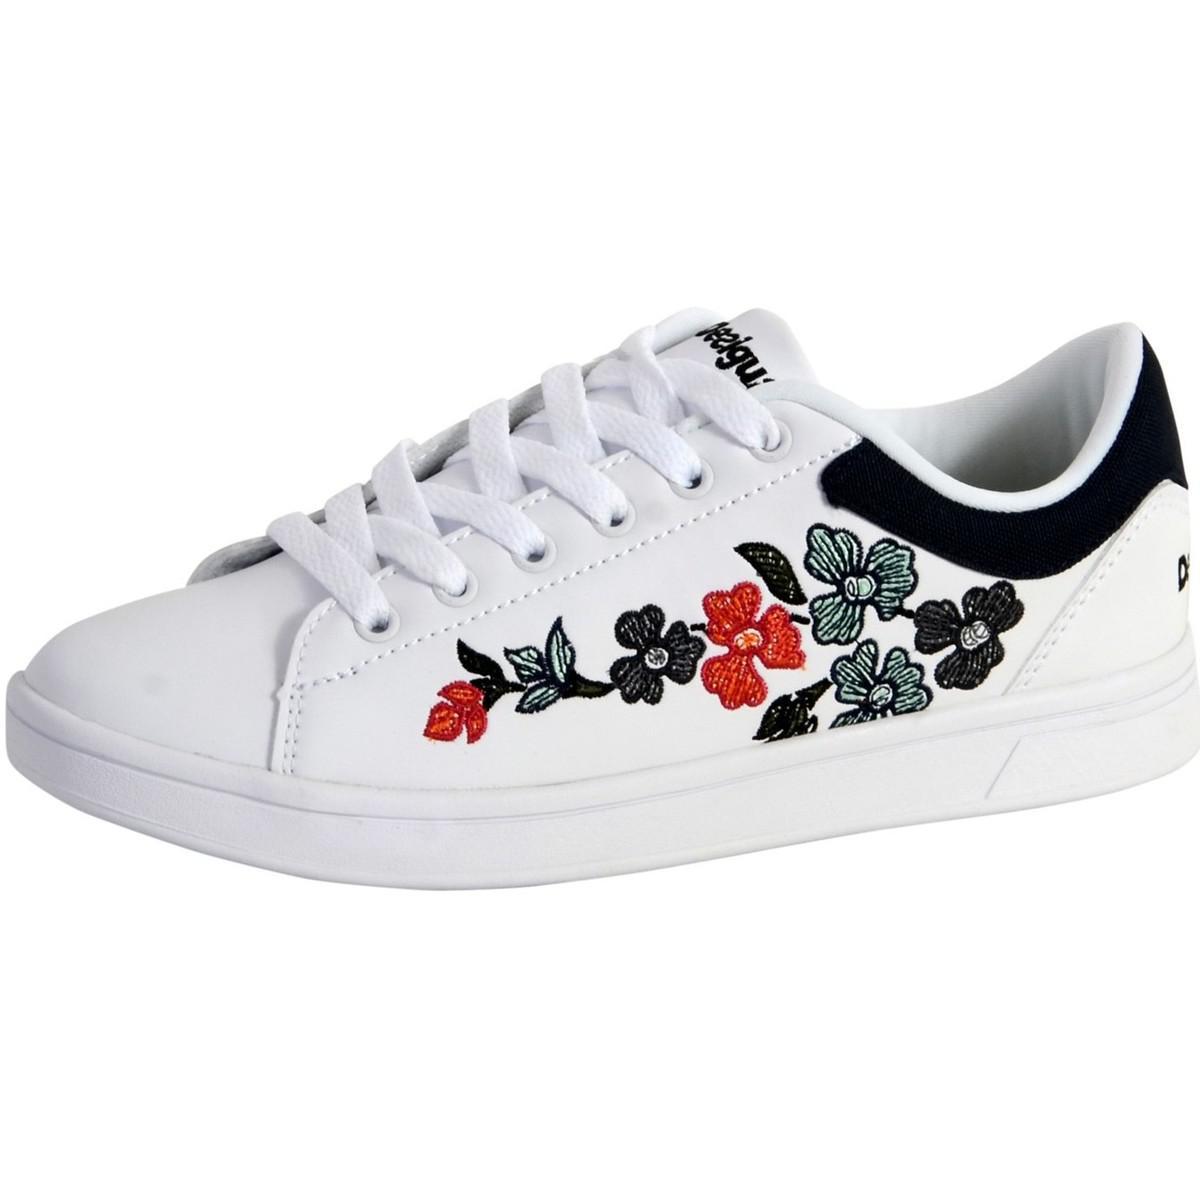 tout neuf ed9a2 17919 Basket Retro Court Geopatch femmes Chaussures en blanc Desigual en coloris  White